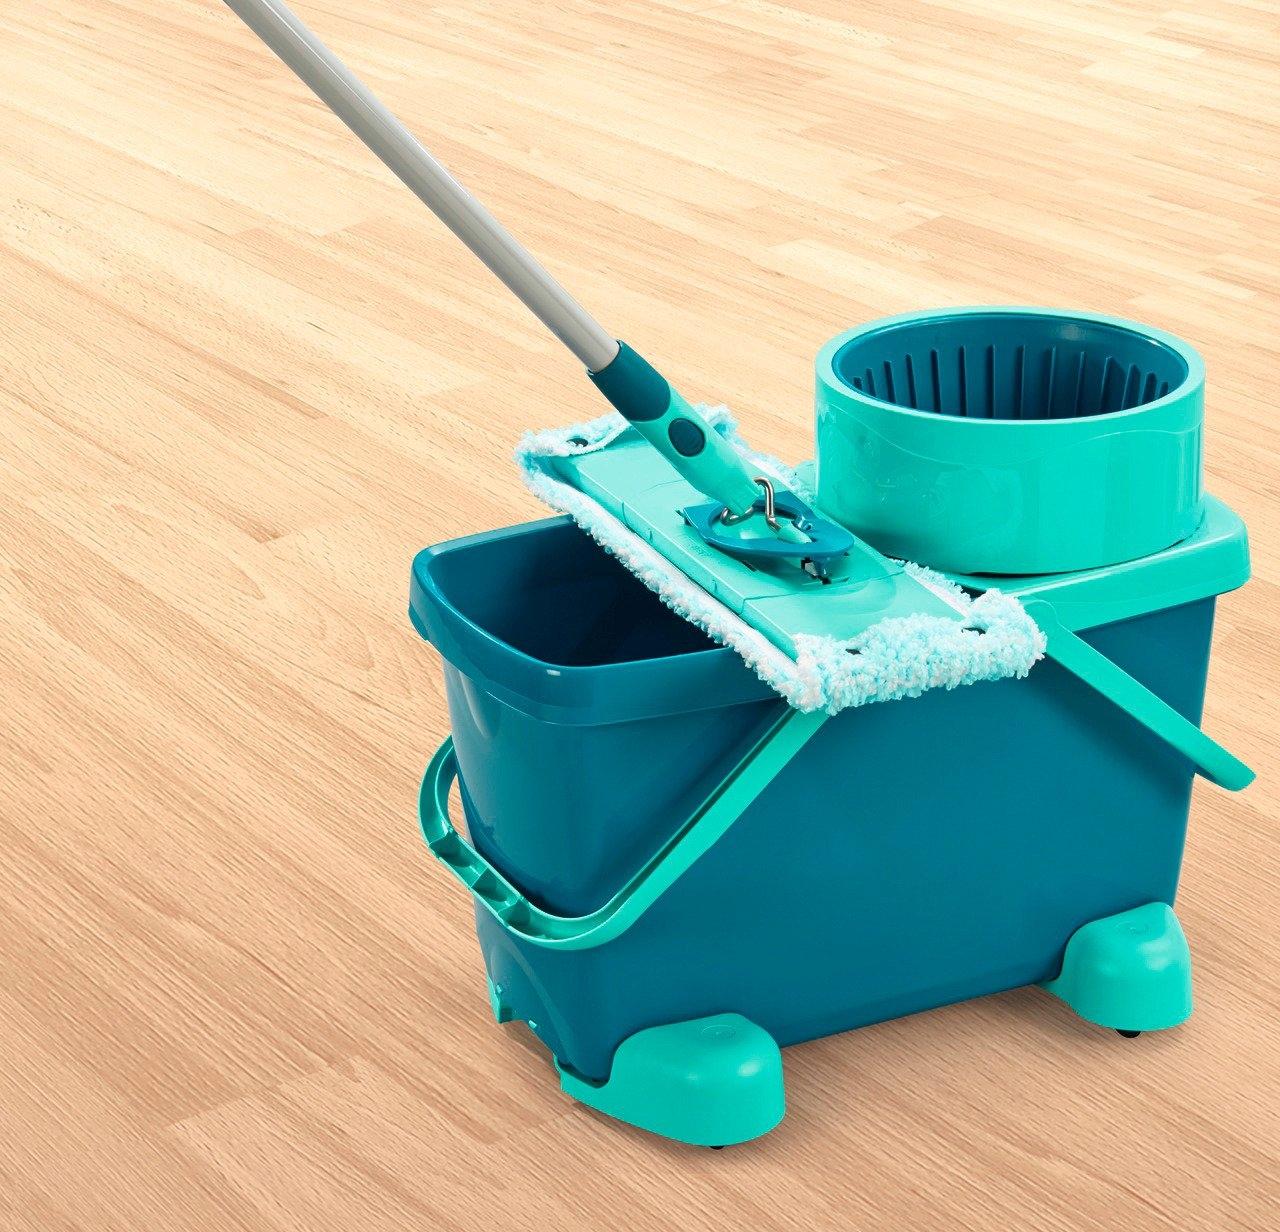 leifheit vloerwisser set clean twist xl incl trolley nu online bestellen otto. Black Bedroom Furniture Sets. Home Design Ideas